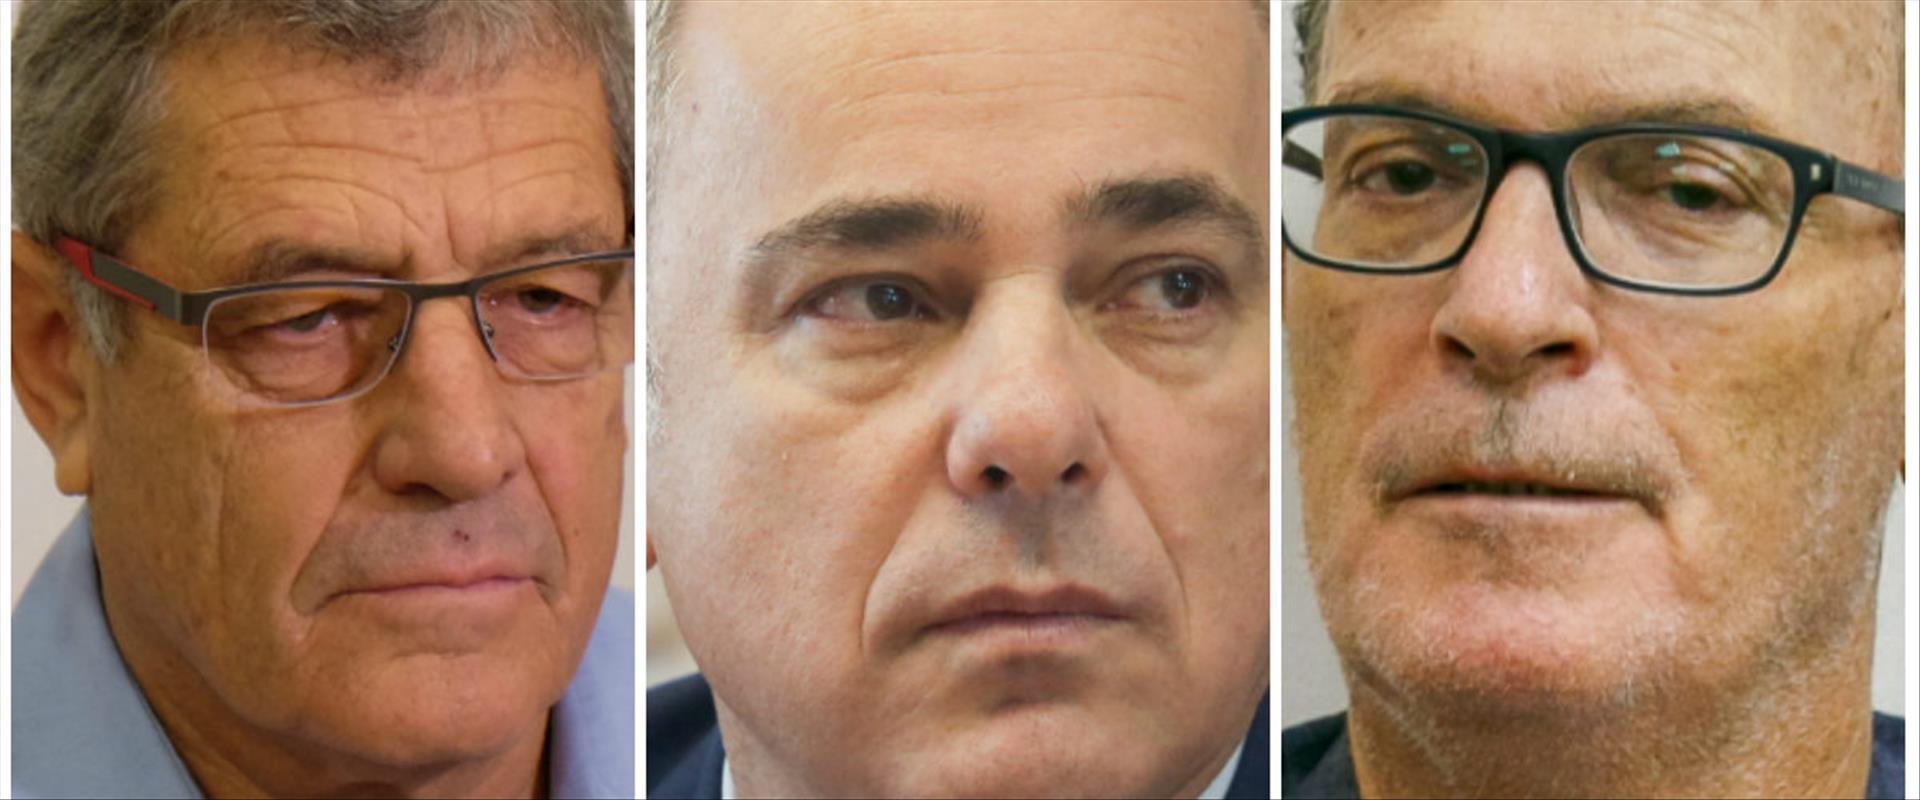 אבריאל בר יוסף, מיקי גנור ויובל שטייניץ